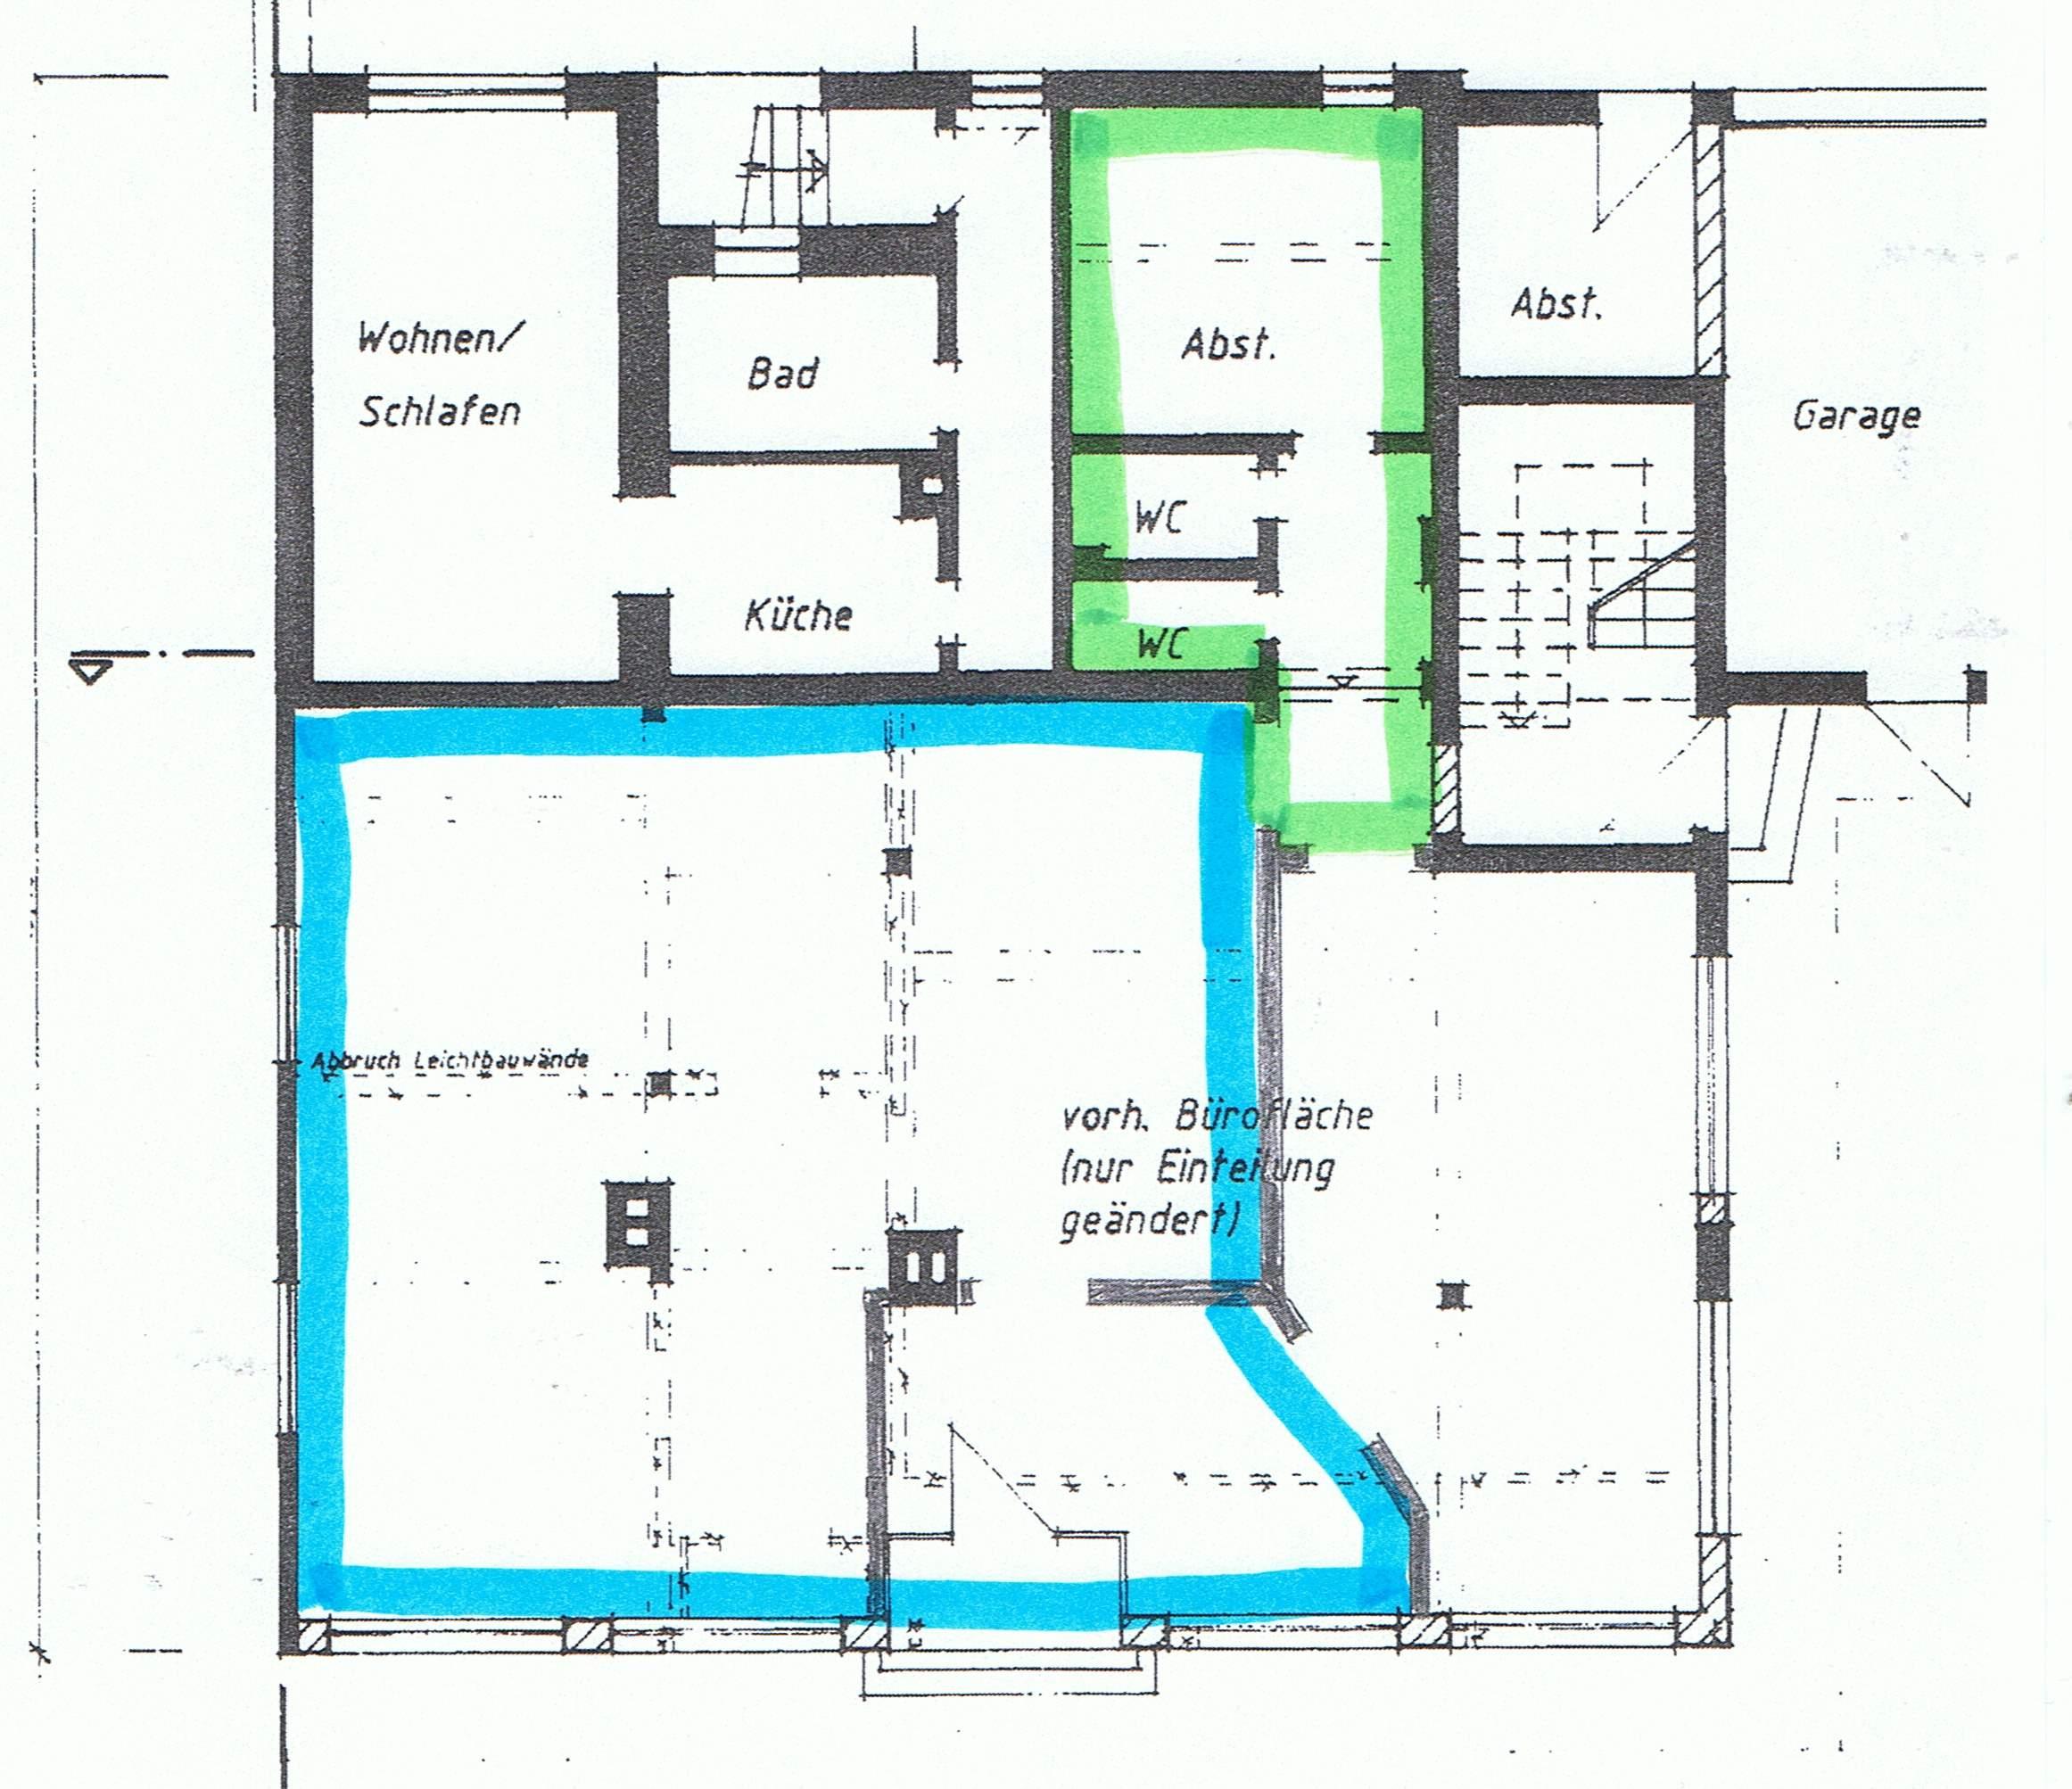 Immobilienborse Detail Wirtschaftsforderung Schmallenberg